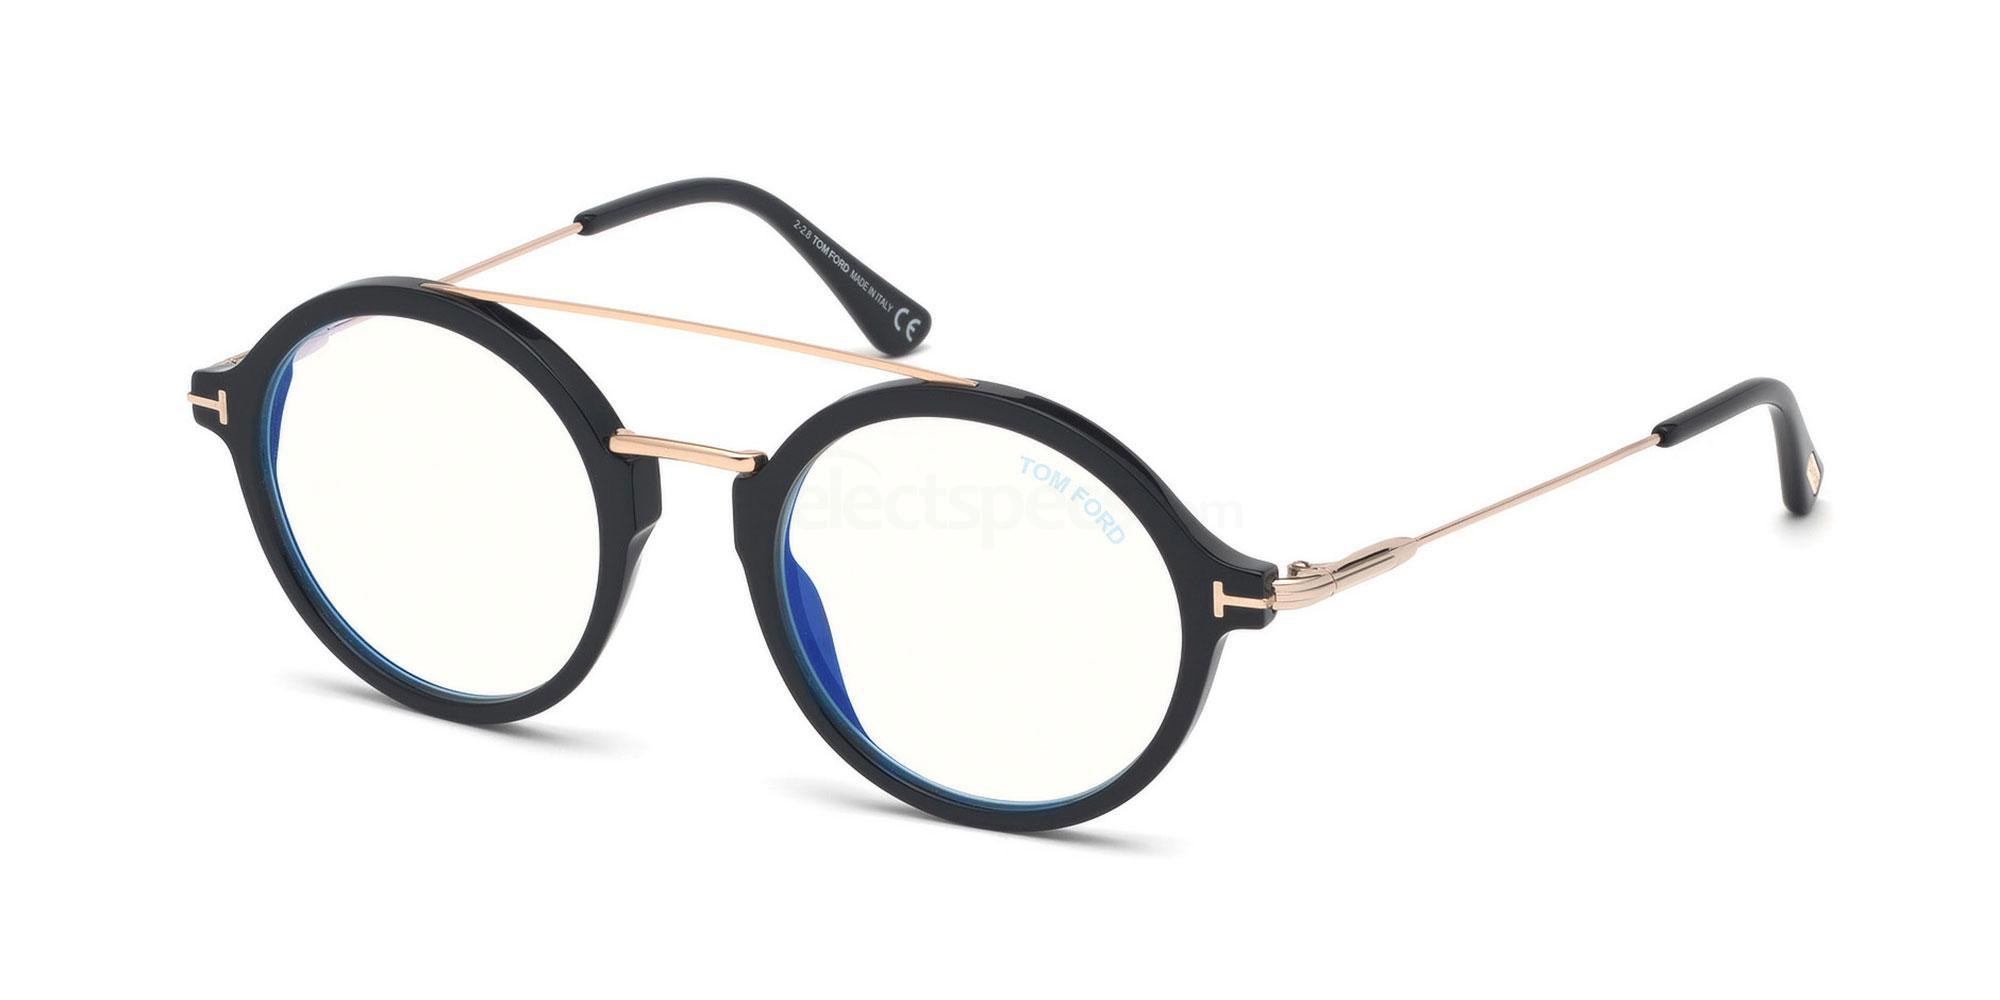 001 FT5596-B Glasses, Tom Ford